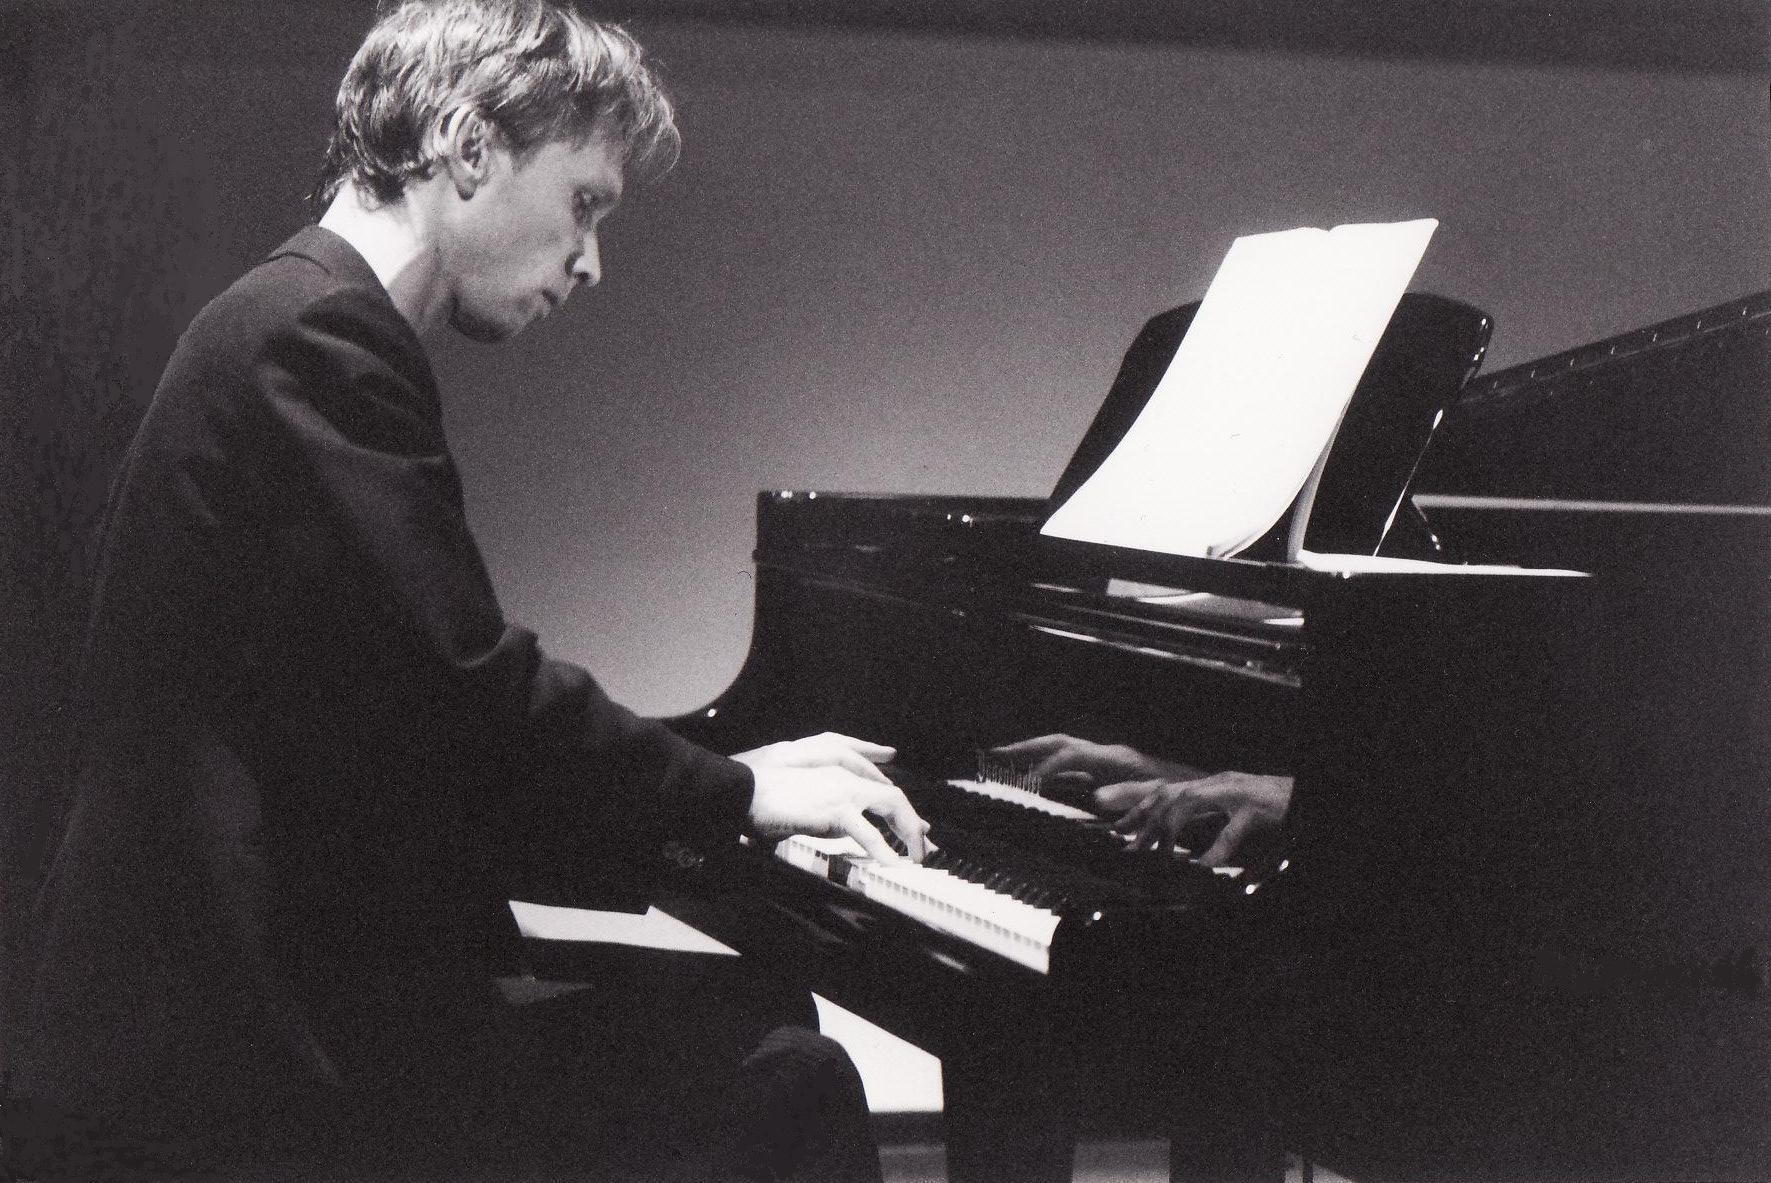 Reinier van Houdt - Pianist